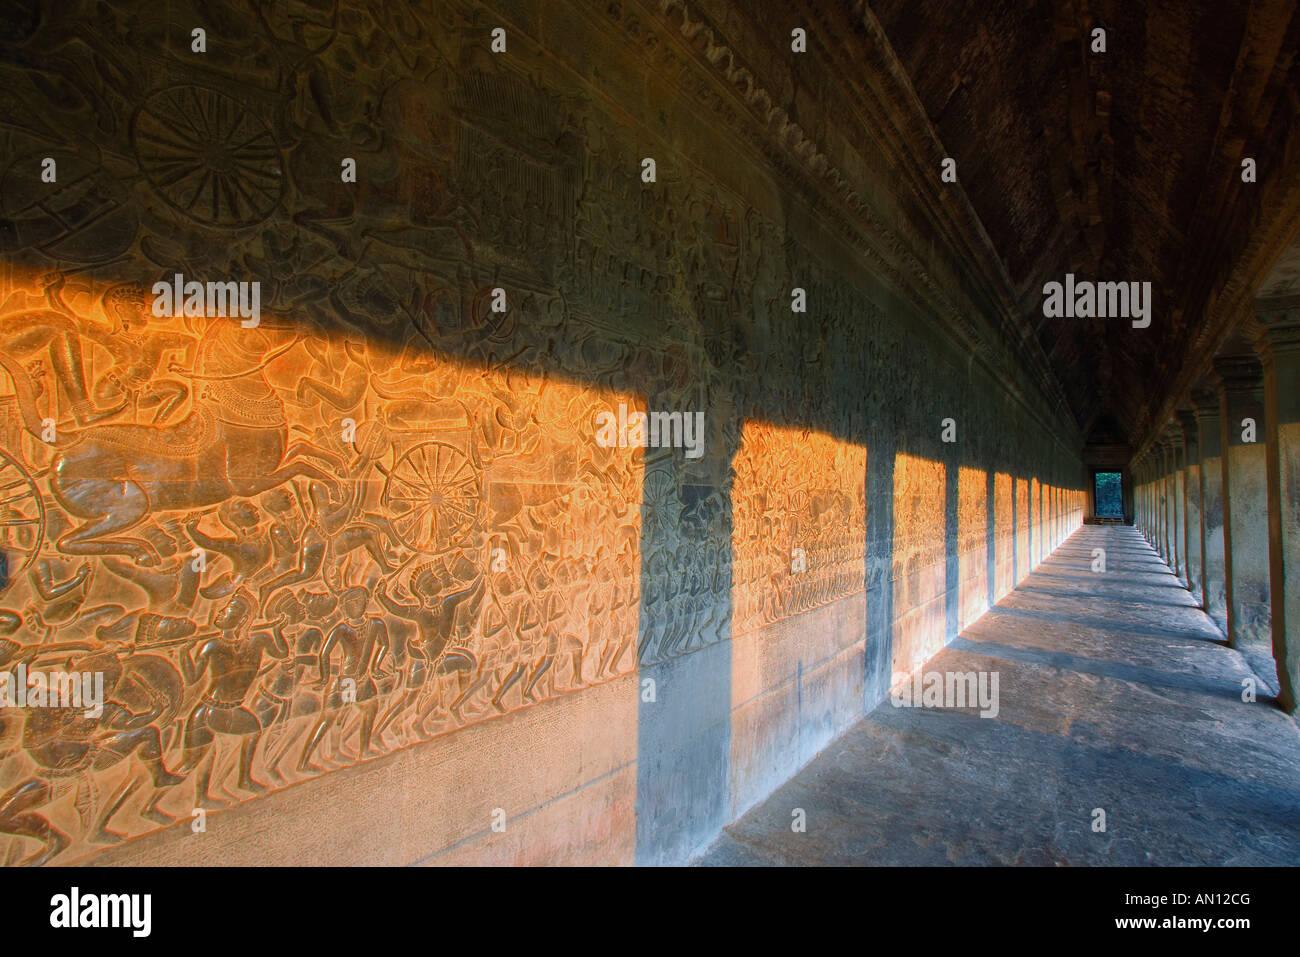 Bas-reliefs of Hindu myths at Angkor Wat, Cambodia - Stock Image